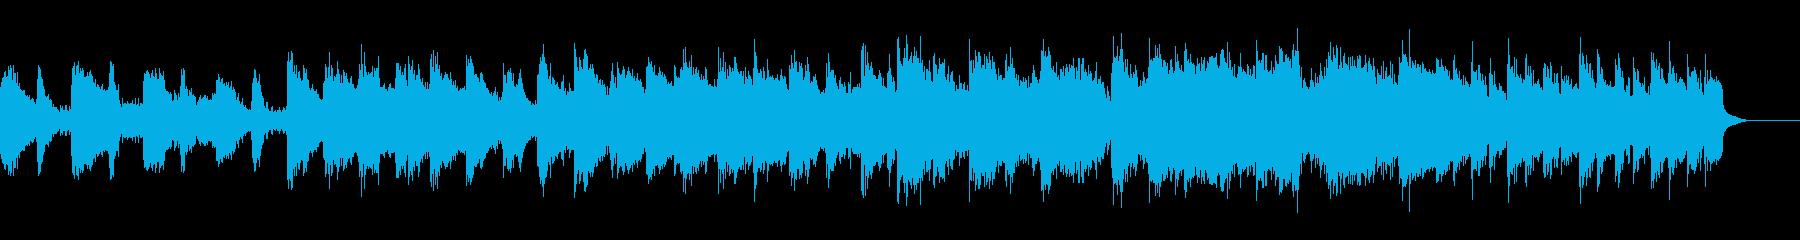 不気味な雰囲気の幻想楽曲の再生済みの波形